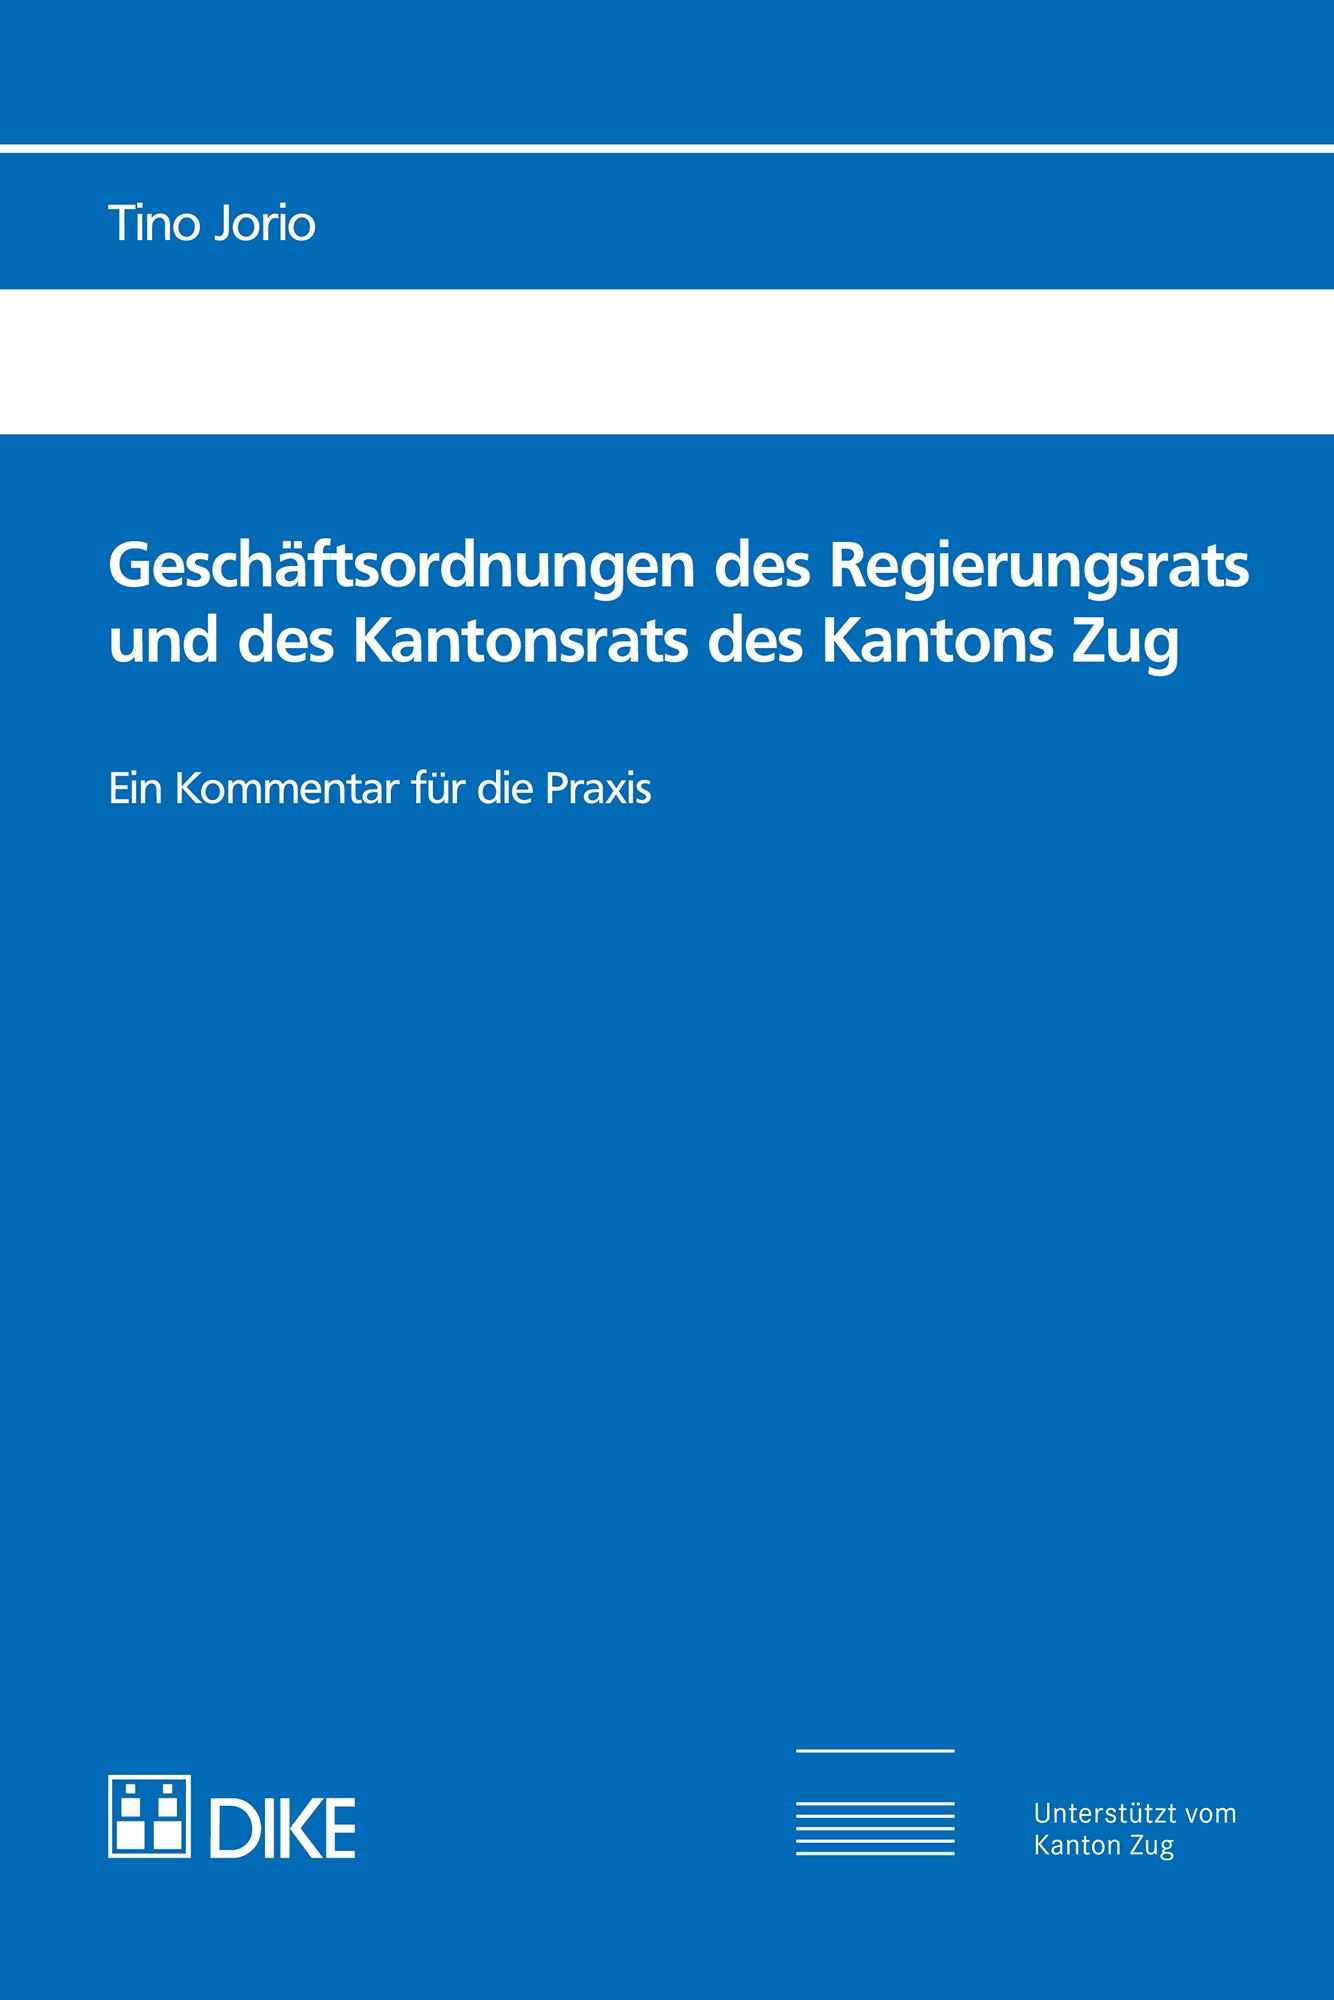 Geschäftsordnungen des Regierungsrats und des Kantonsrats des Kantons Zug